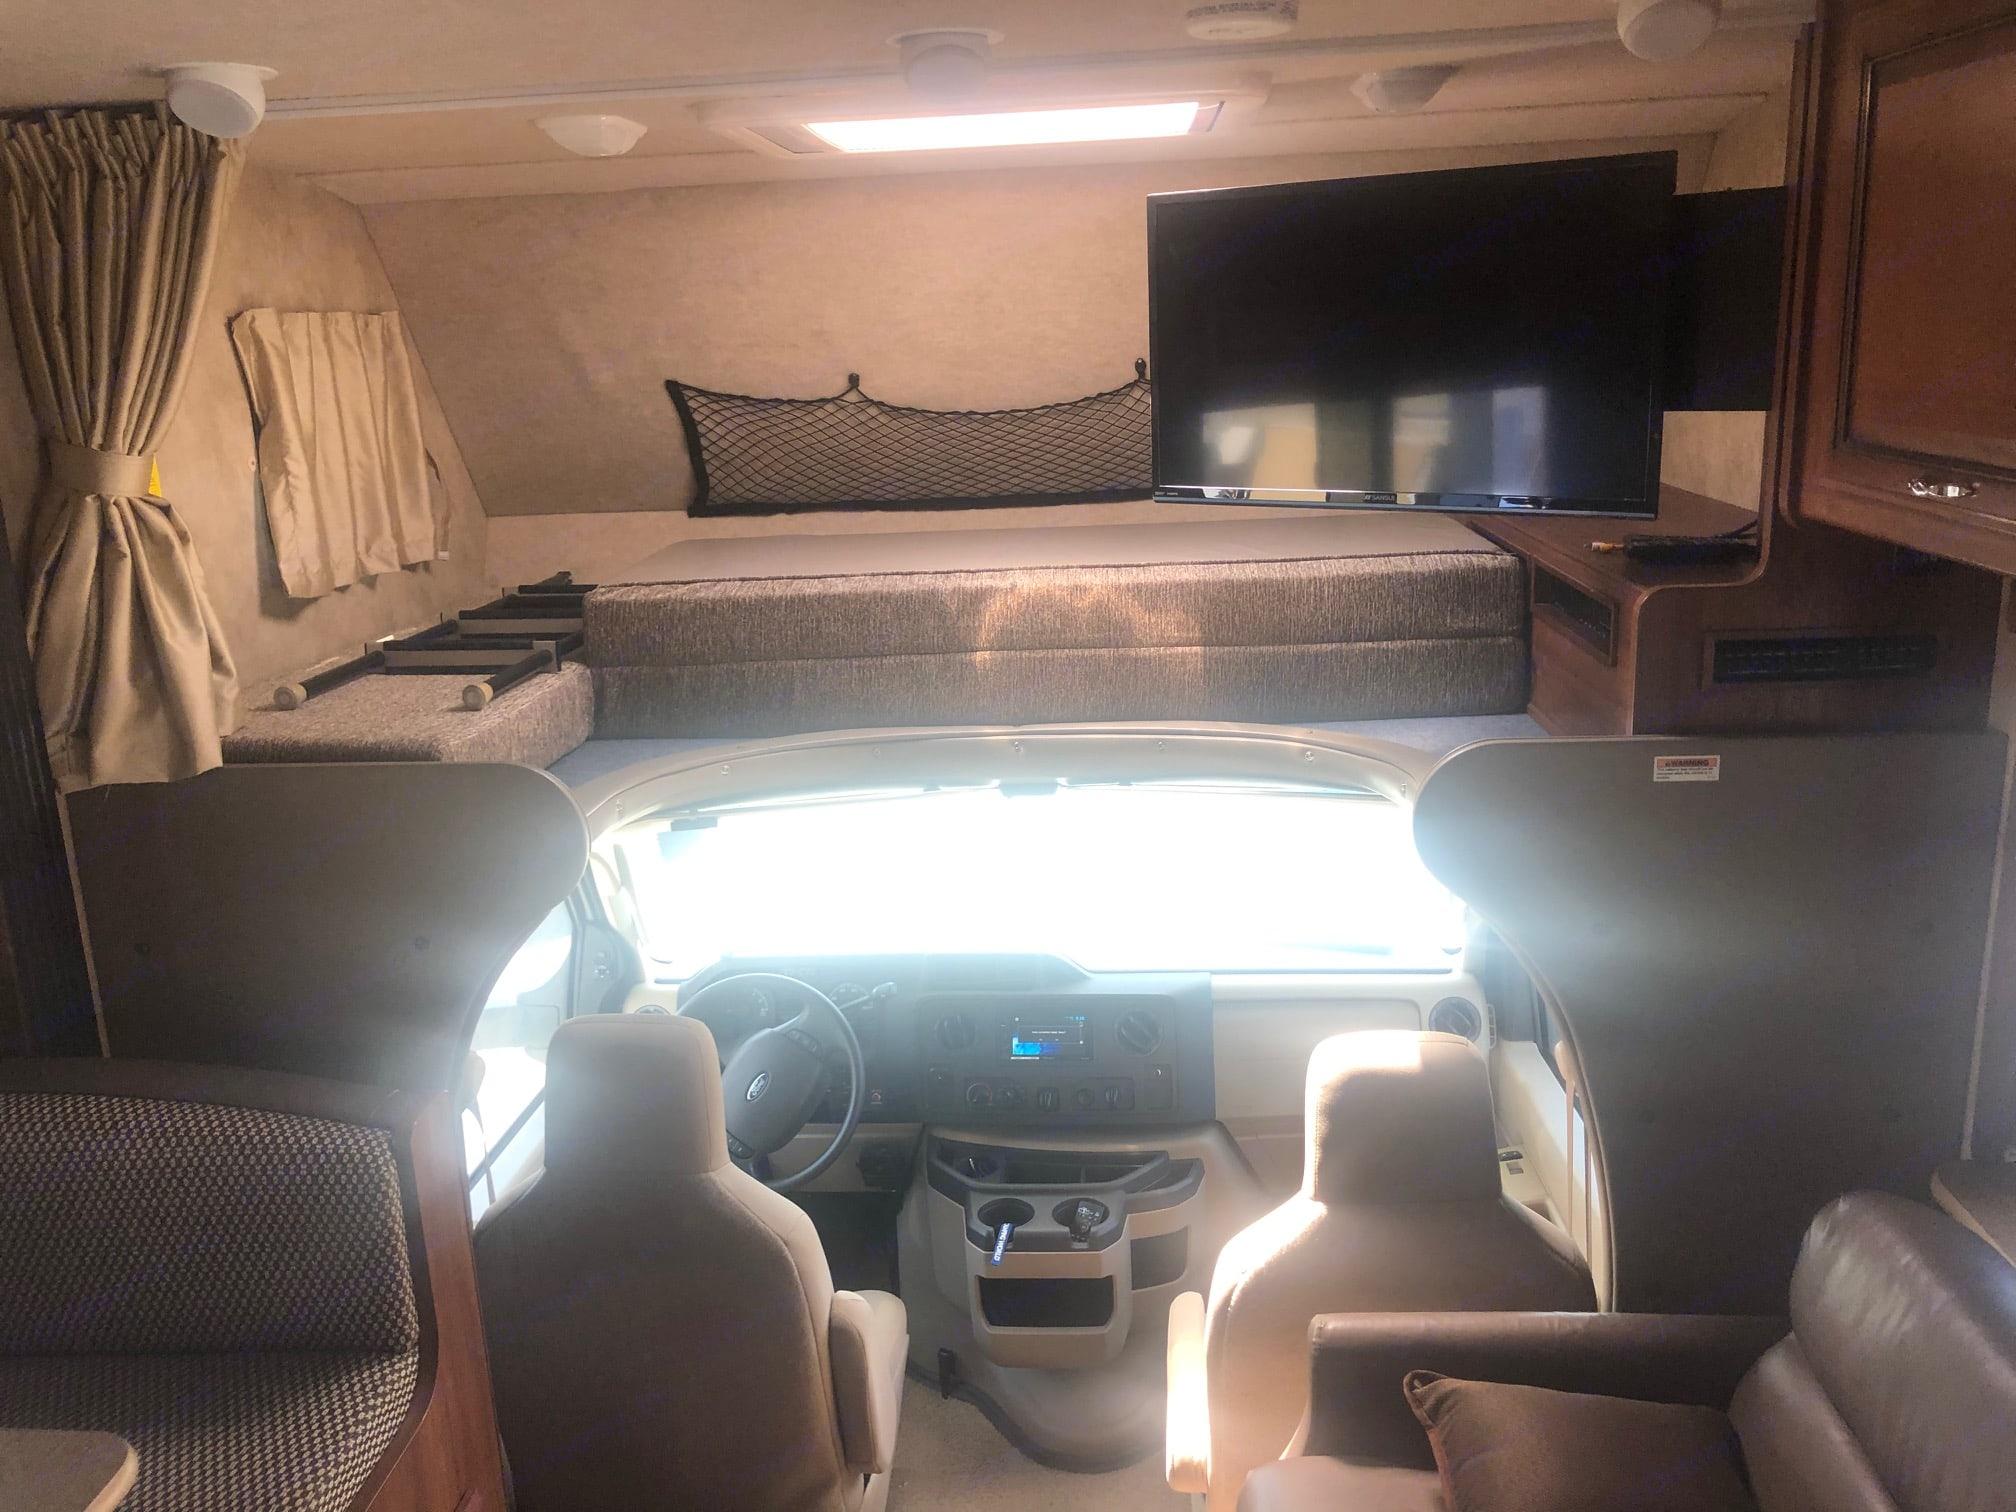 interior 1 upper front bed. Fleetwood Jamboree Sport 2015